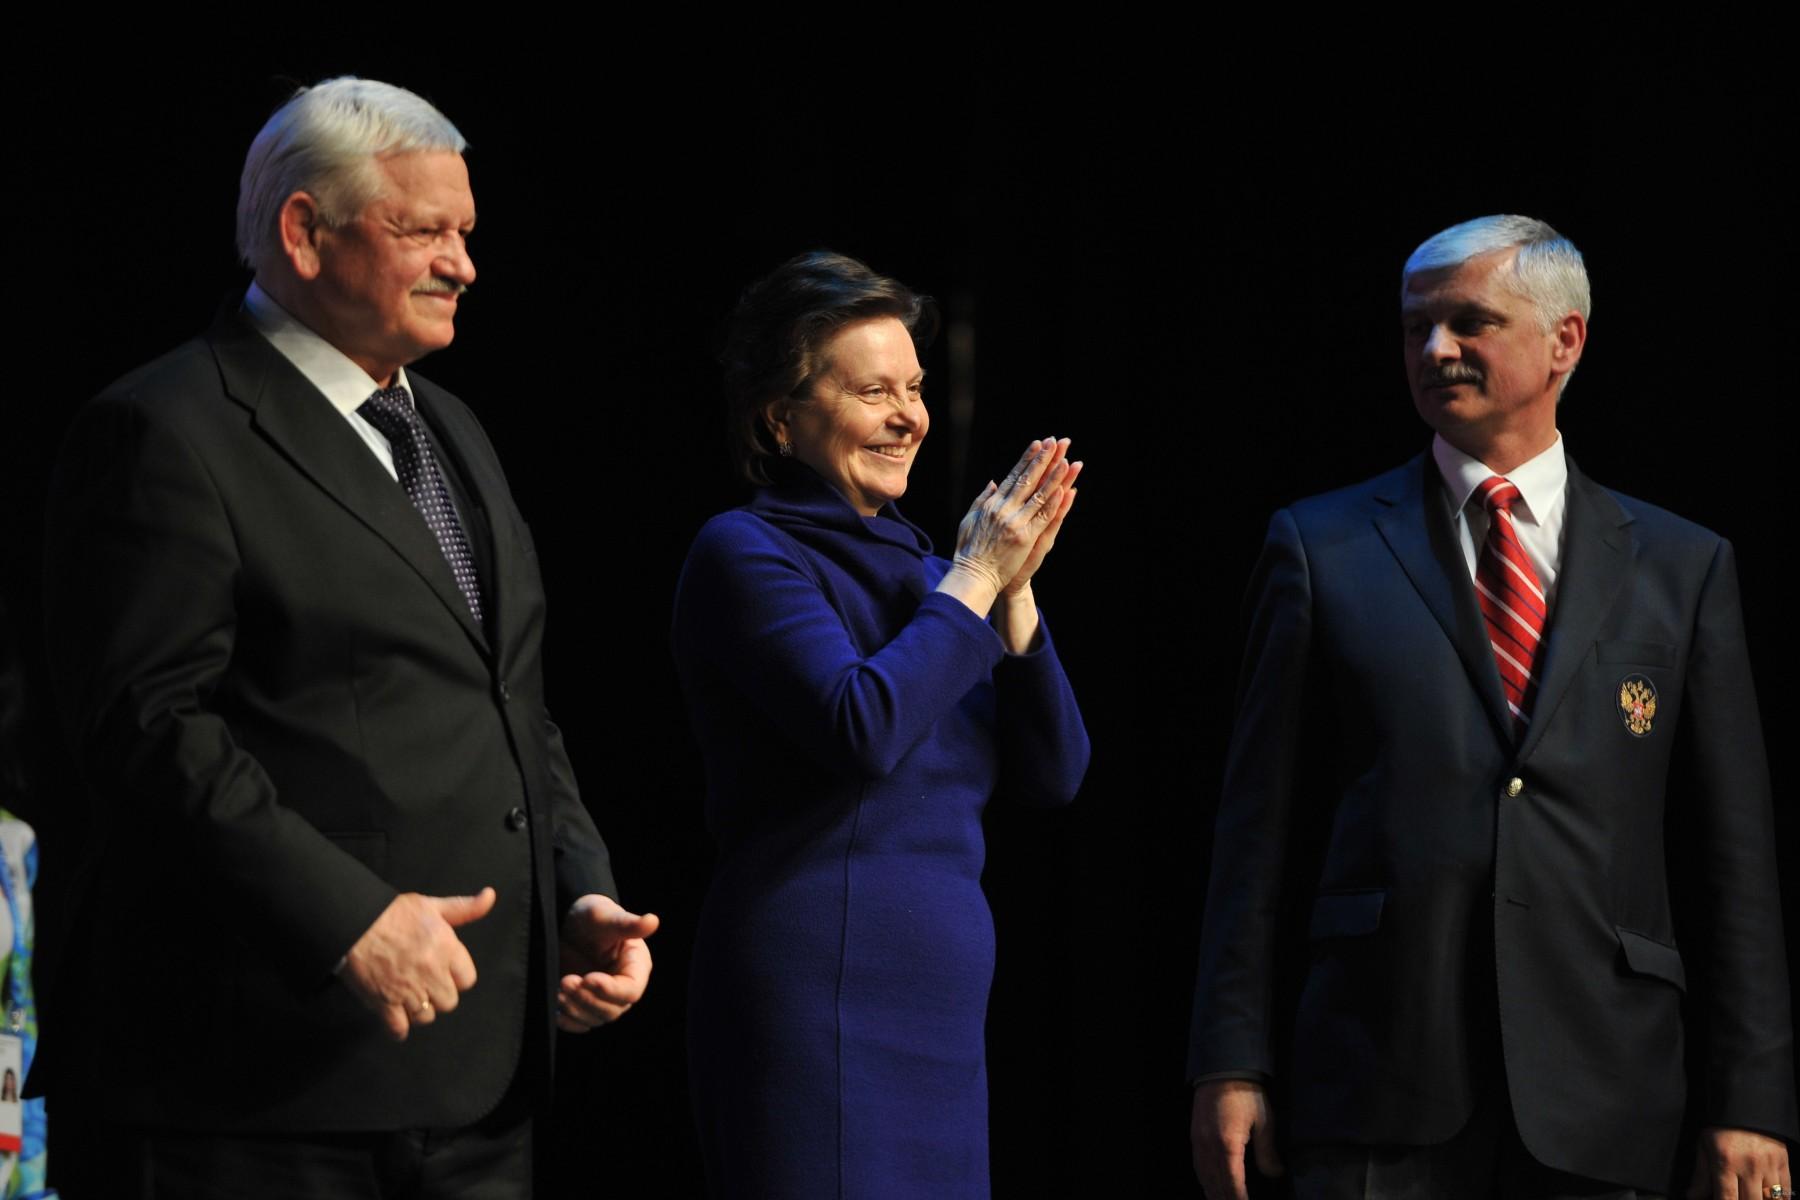 Официальные лица Сурдлимпийских игр Наталья Комарова